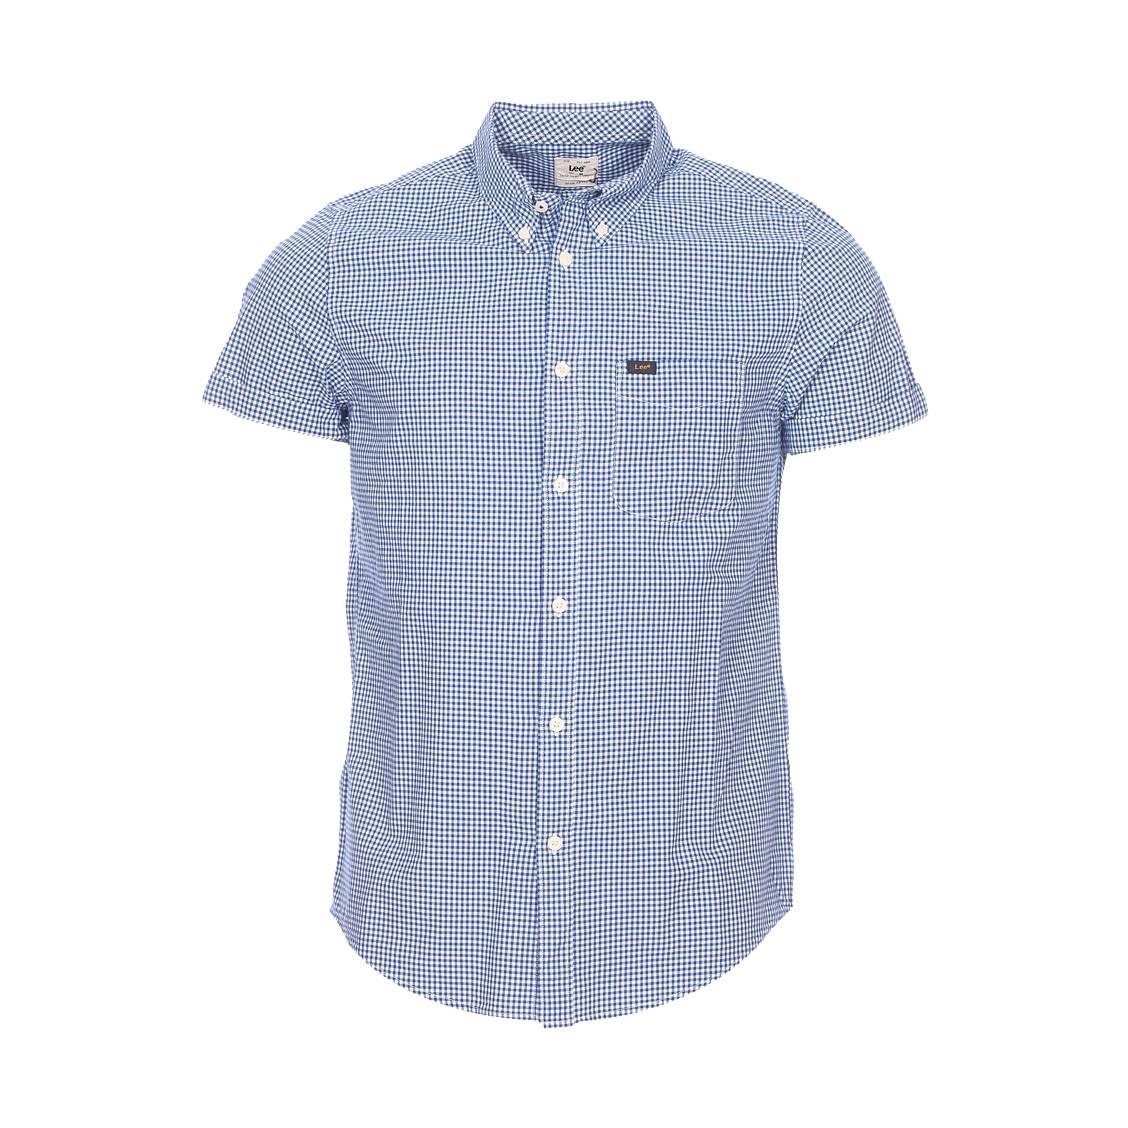 Chemise droite manches courtes  en coton à carreaux vichy bleu indigo et blancs